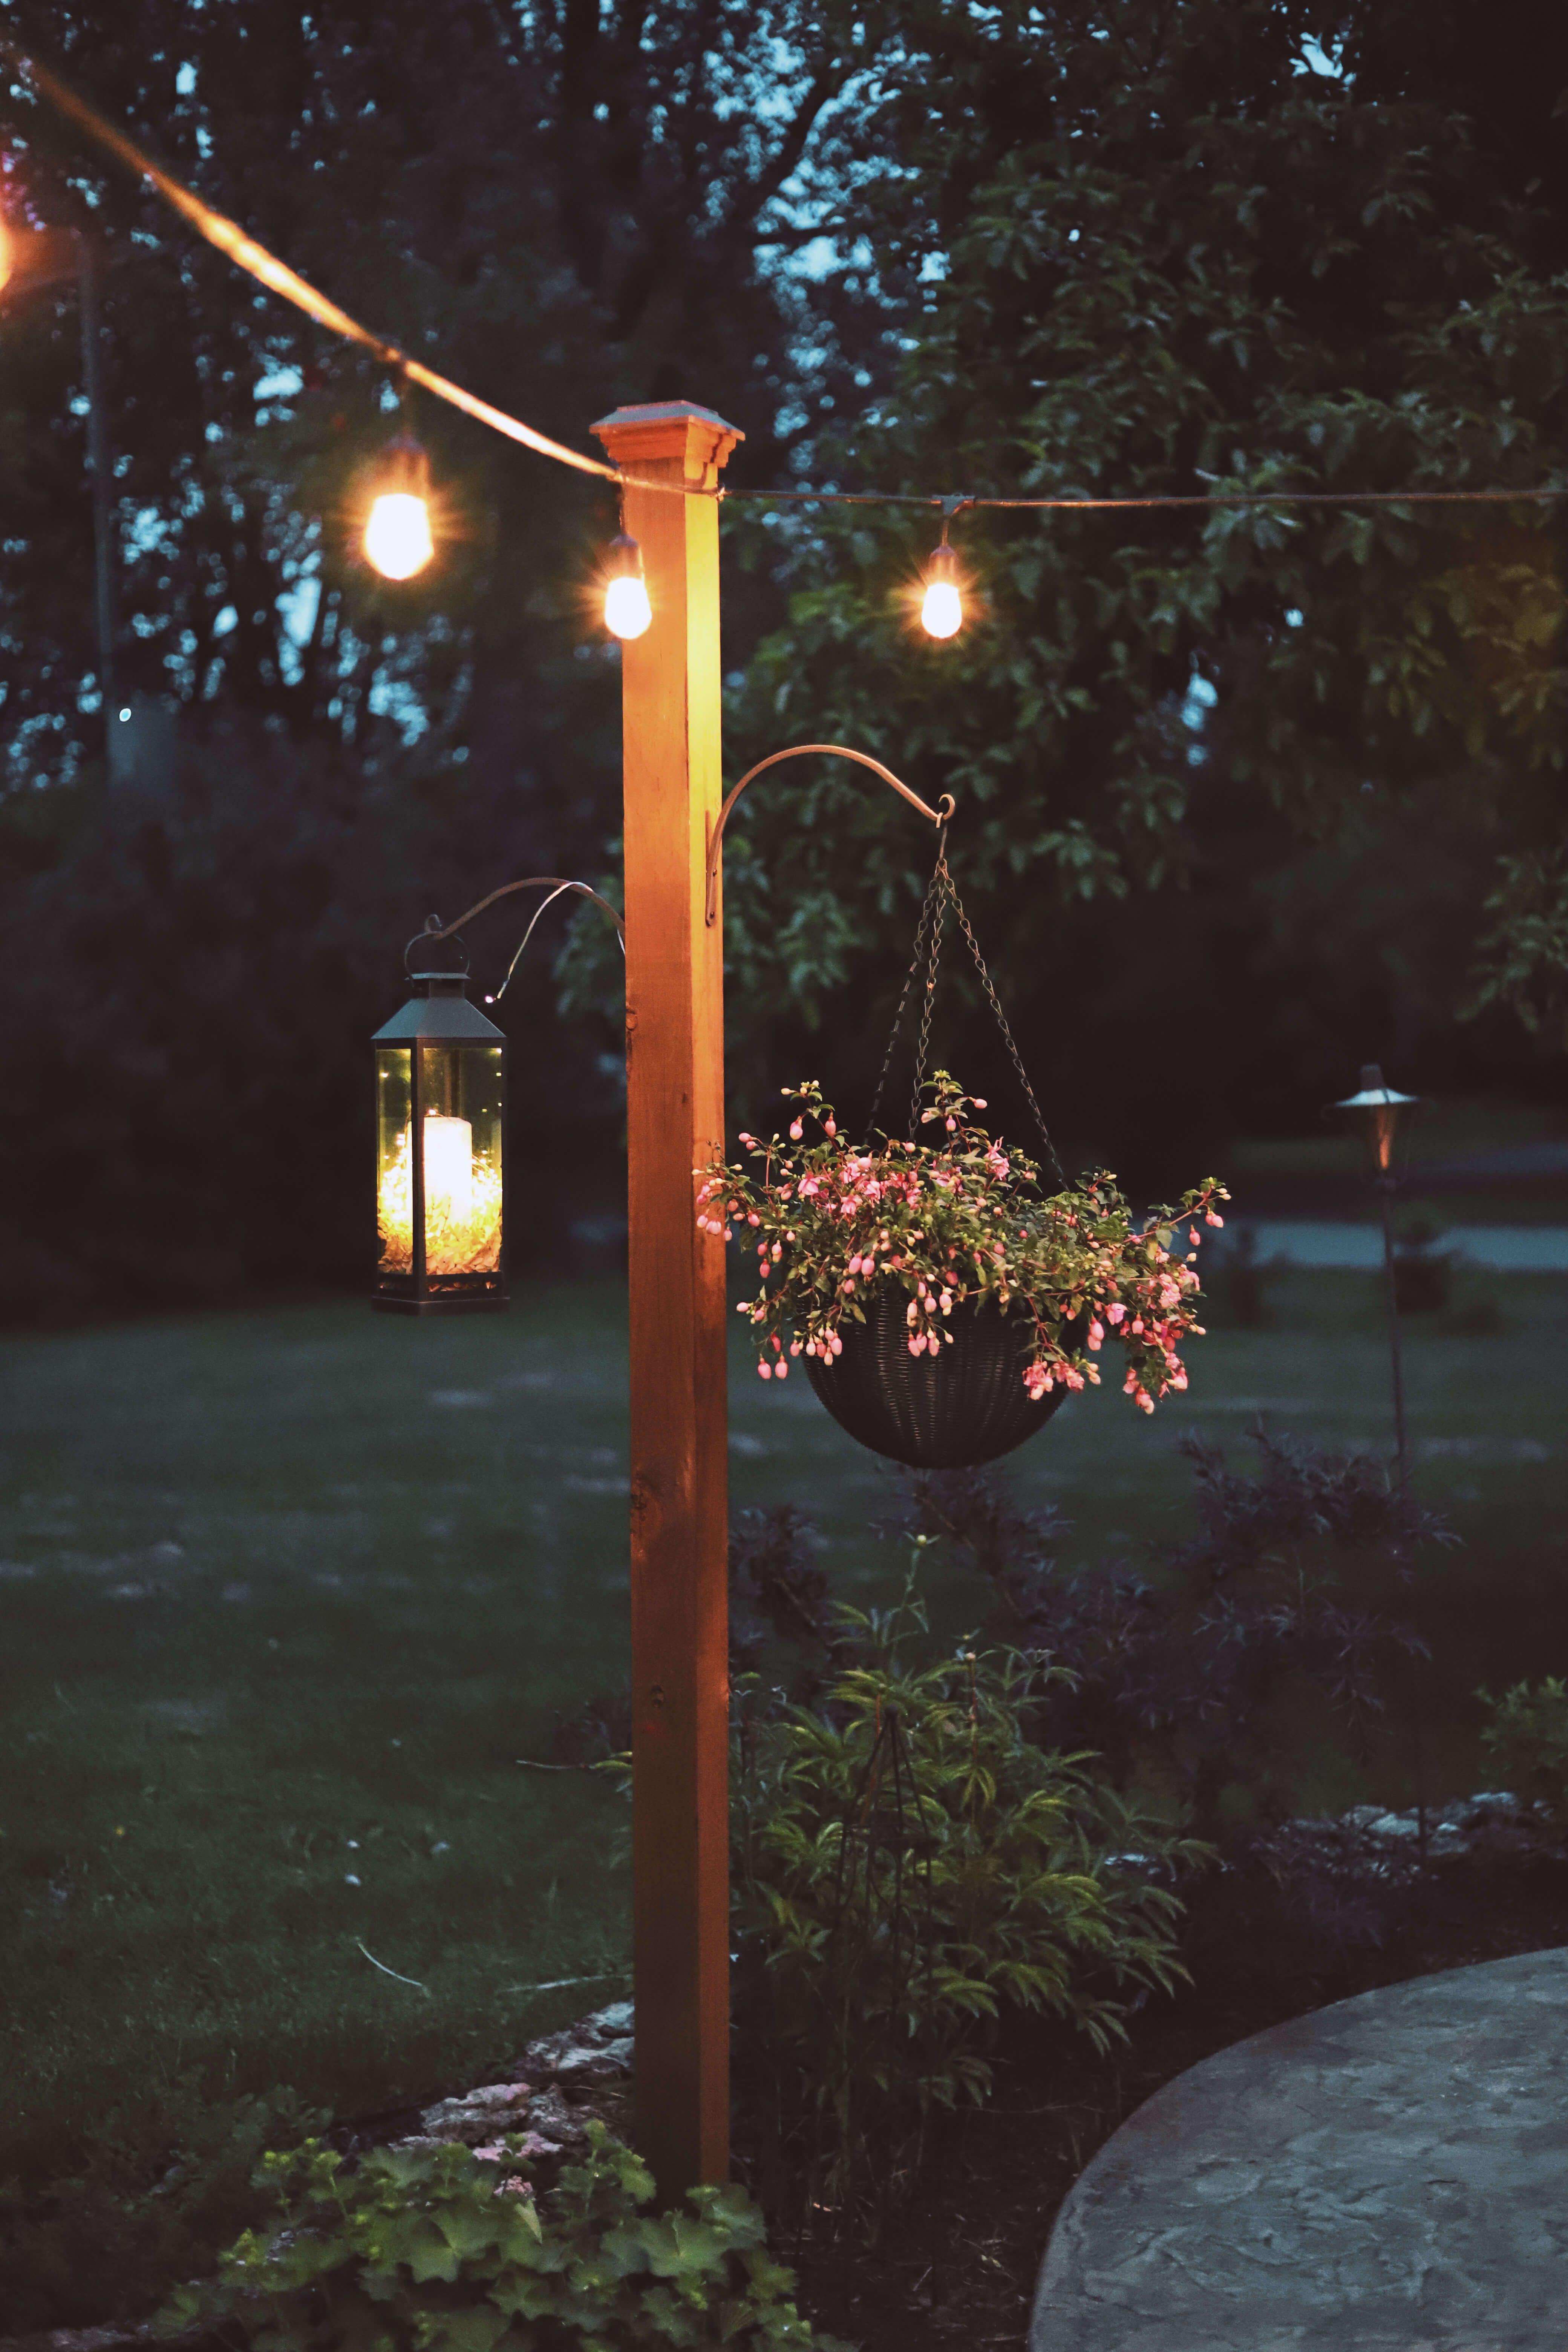 70 Home Decor Ideas DIY Billig Einfach Einfach & Elegant #homedecordiy – home decor diy